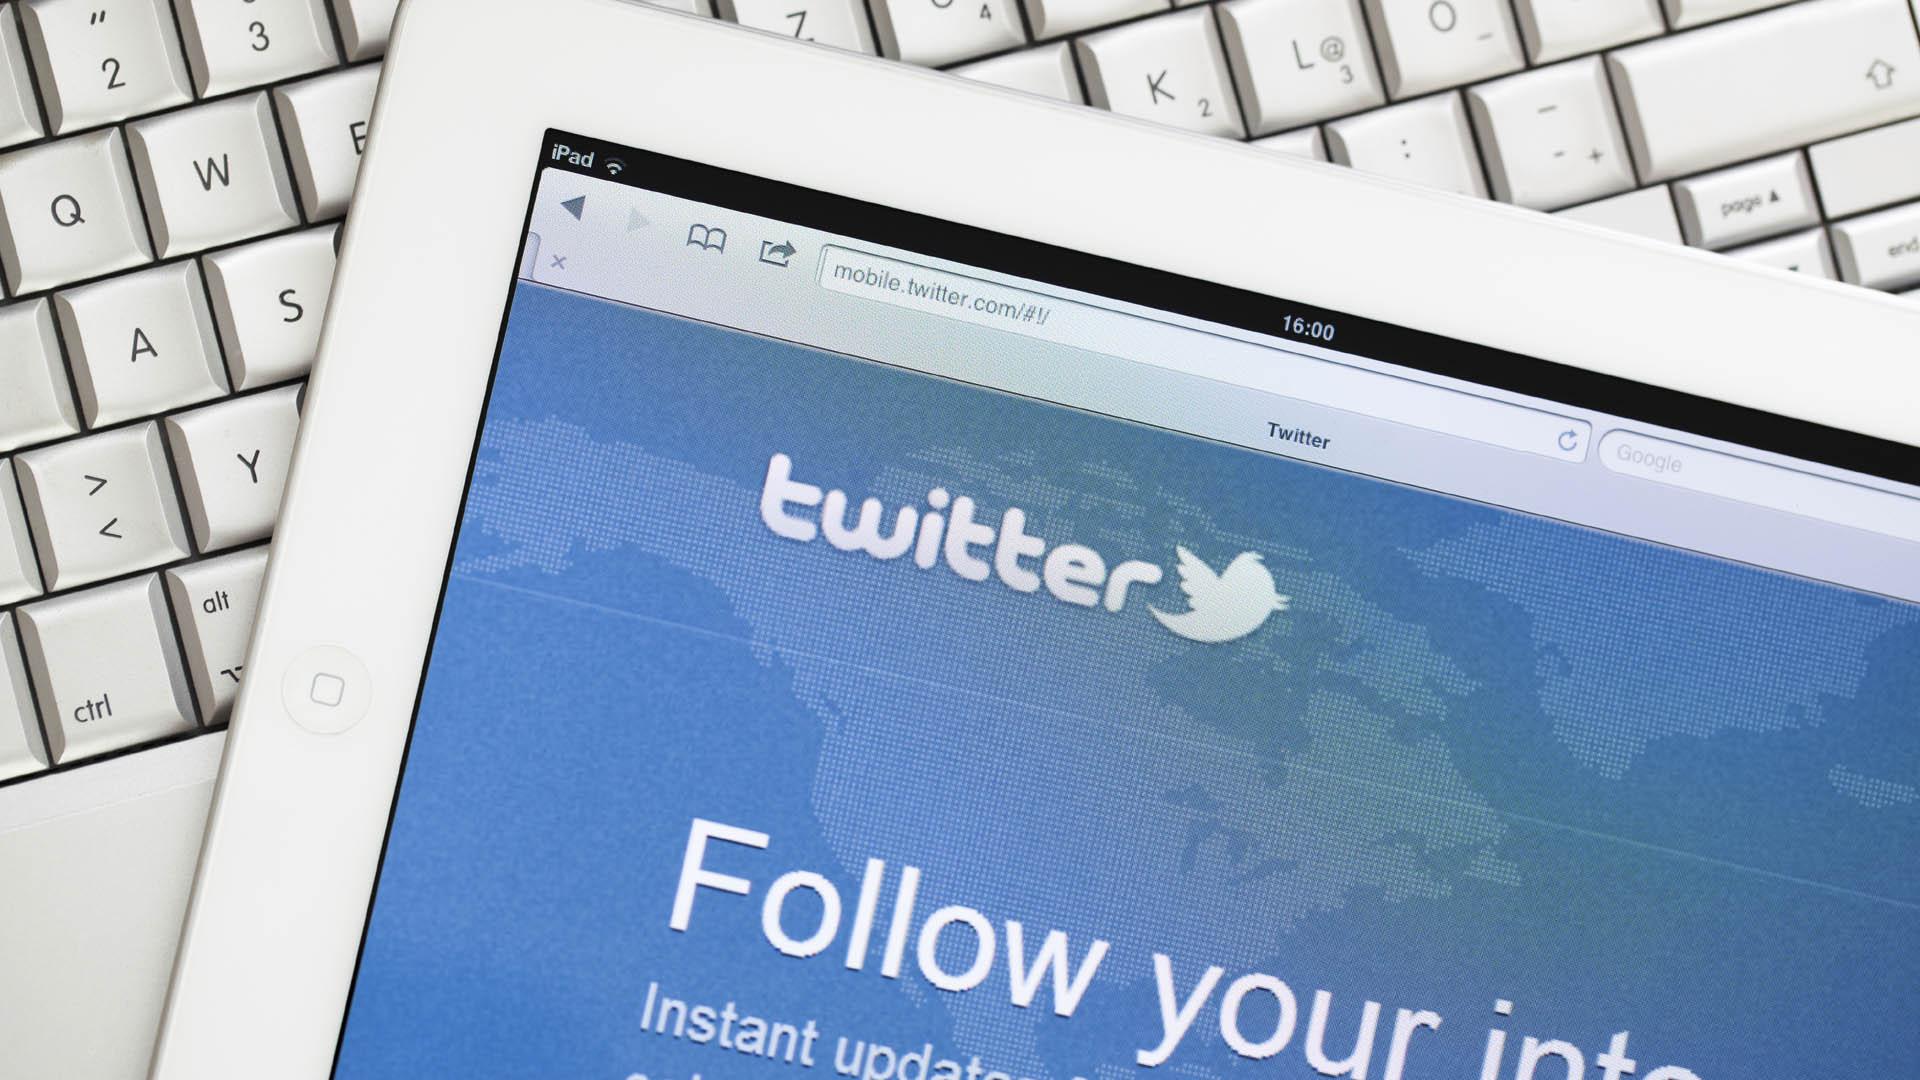 El estudio basado en el lenguaje utilizado a la hora de tuitear afirma que pueden prevenirse enfermedades cardiovasculares